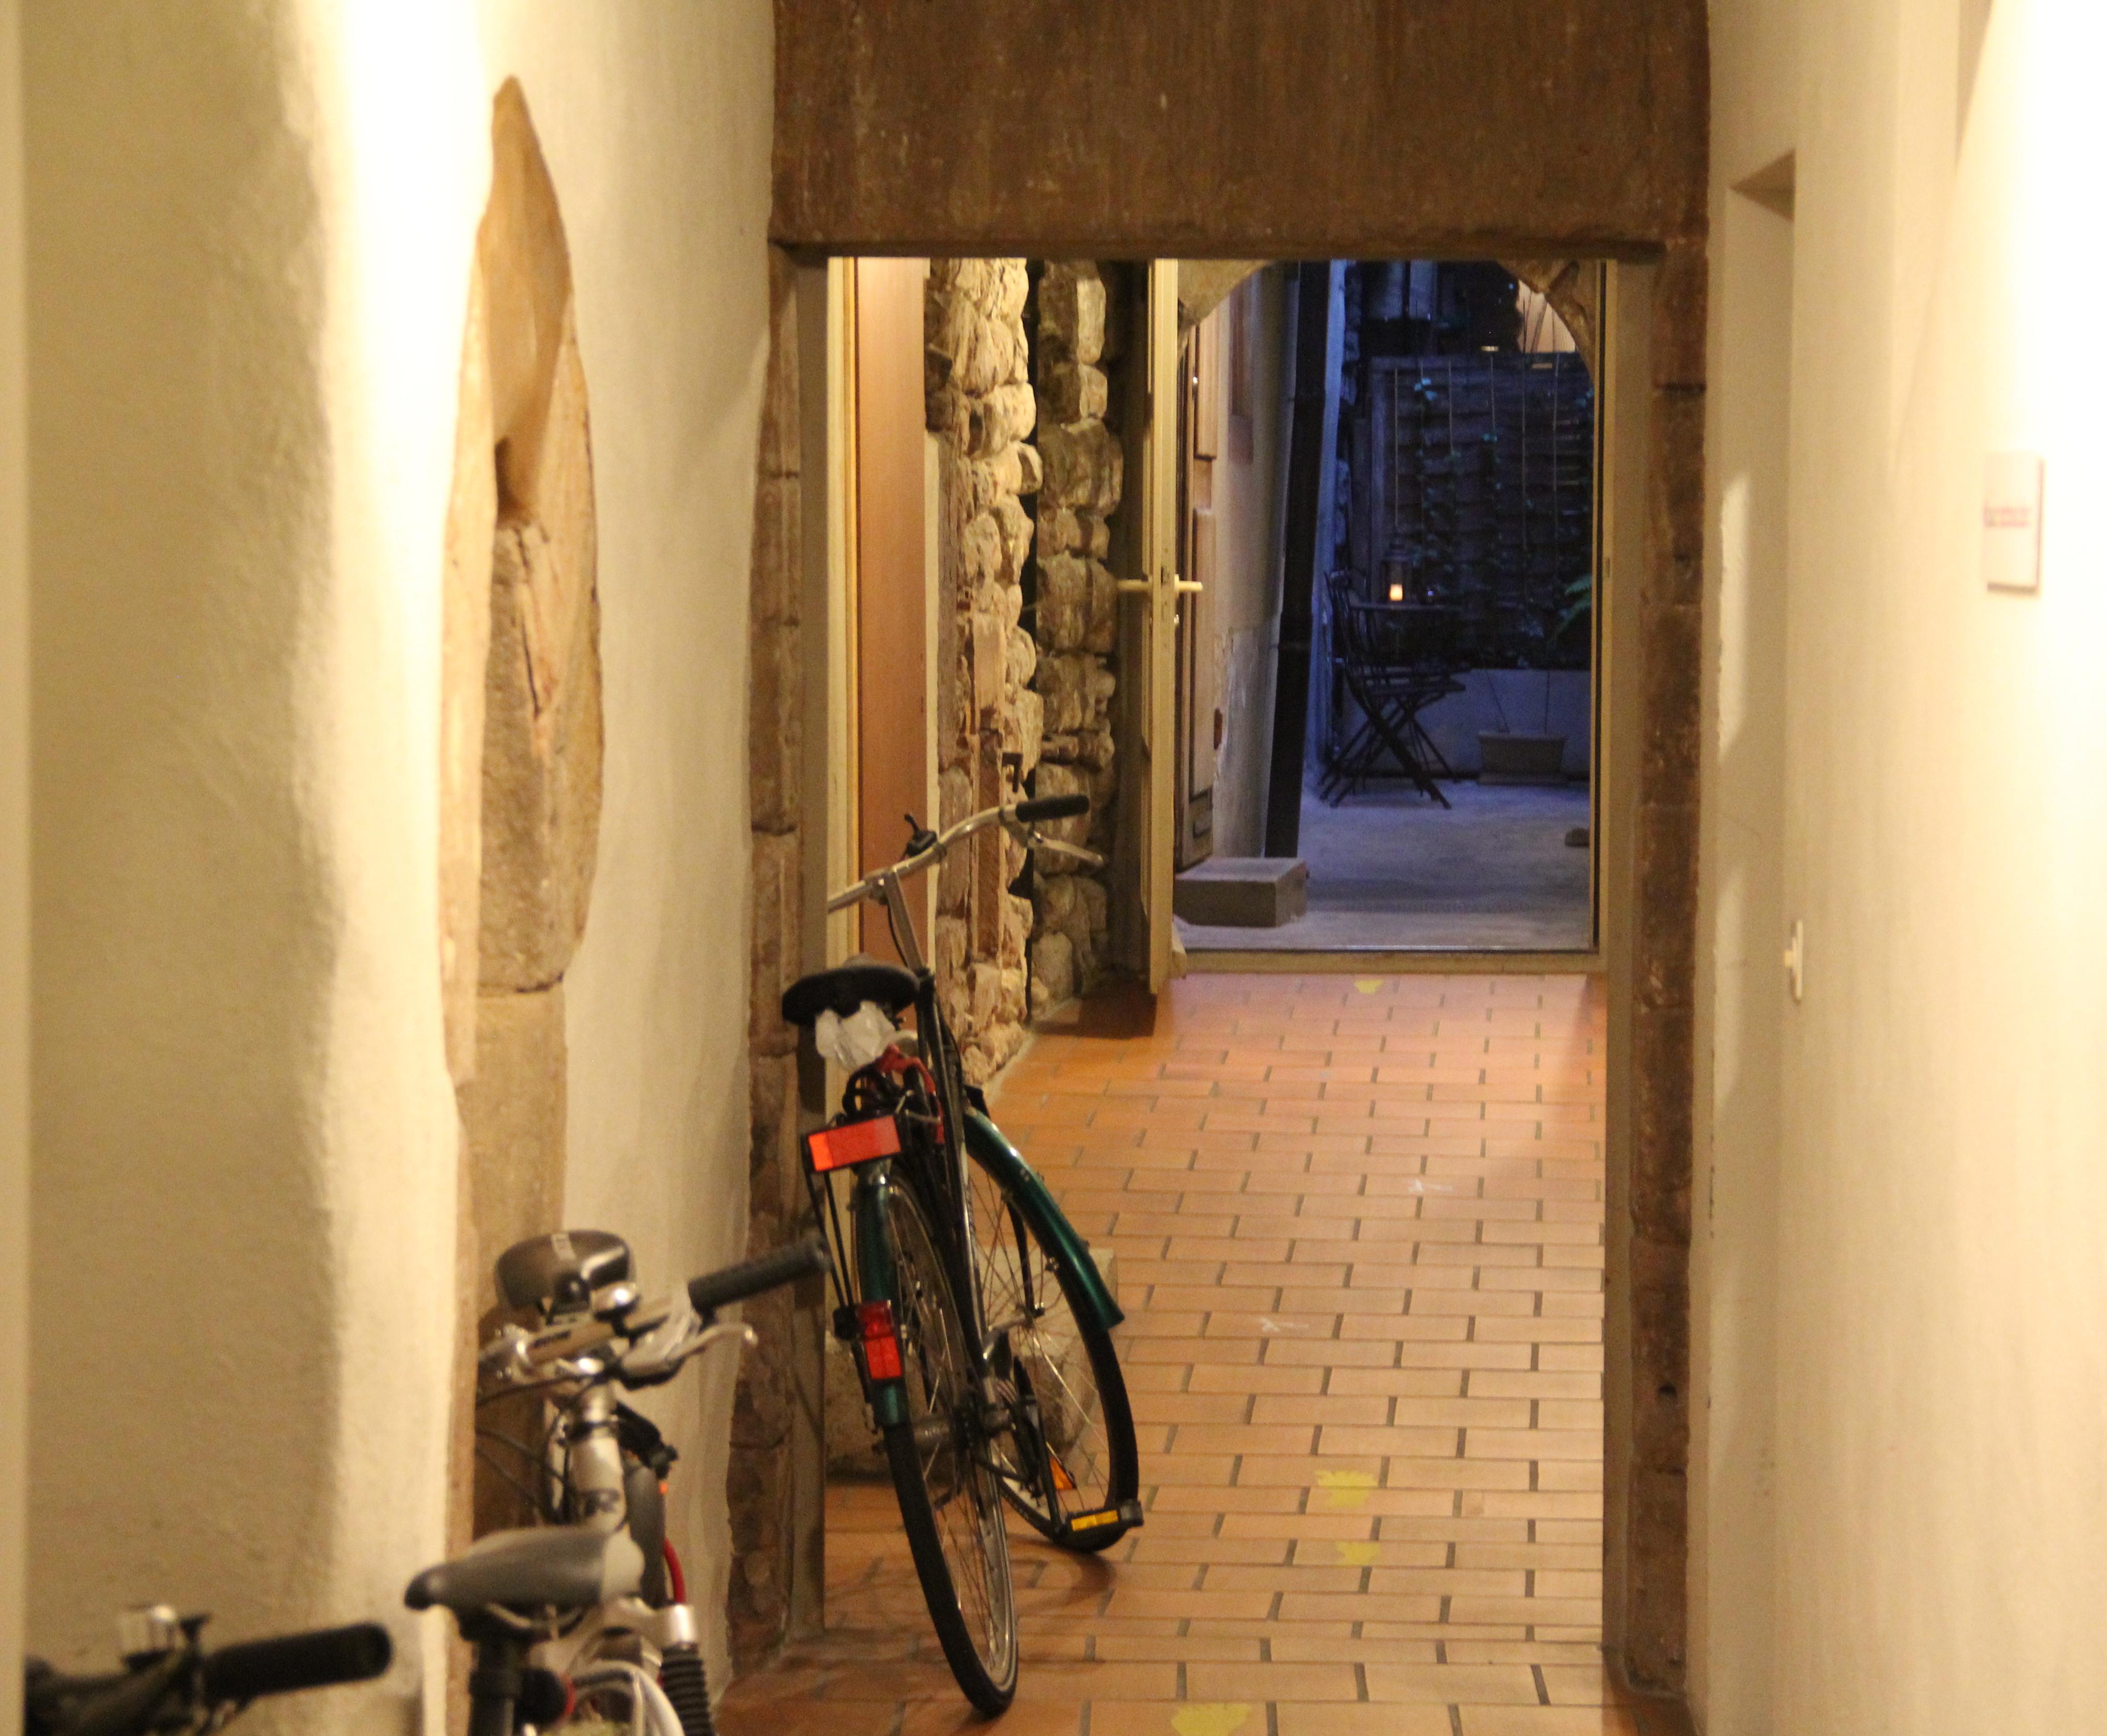 Einer von mehreren versteckten Erschliessungswege: Das St. Andreasgässlein ist heute in ein Treppenhaus integriert. Einst war der Trampelpfad dazu da, um in die Hinterhäuser der Talstadt zu gelangen.